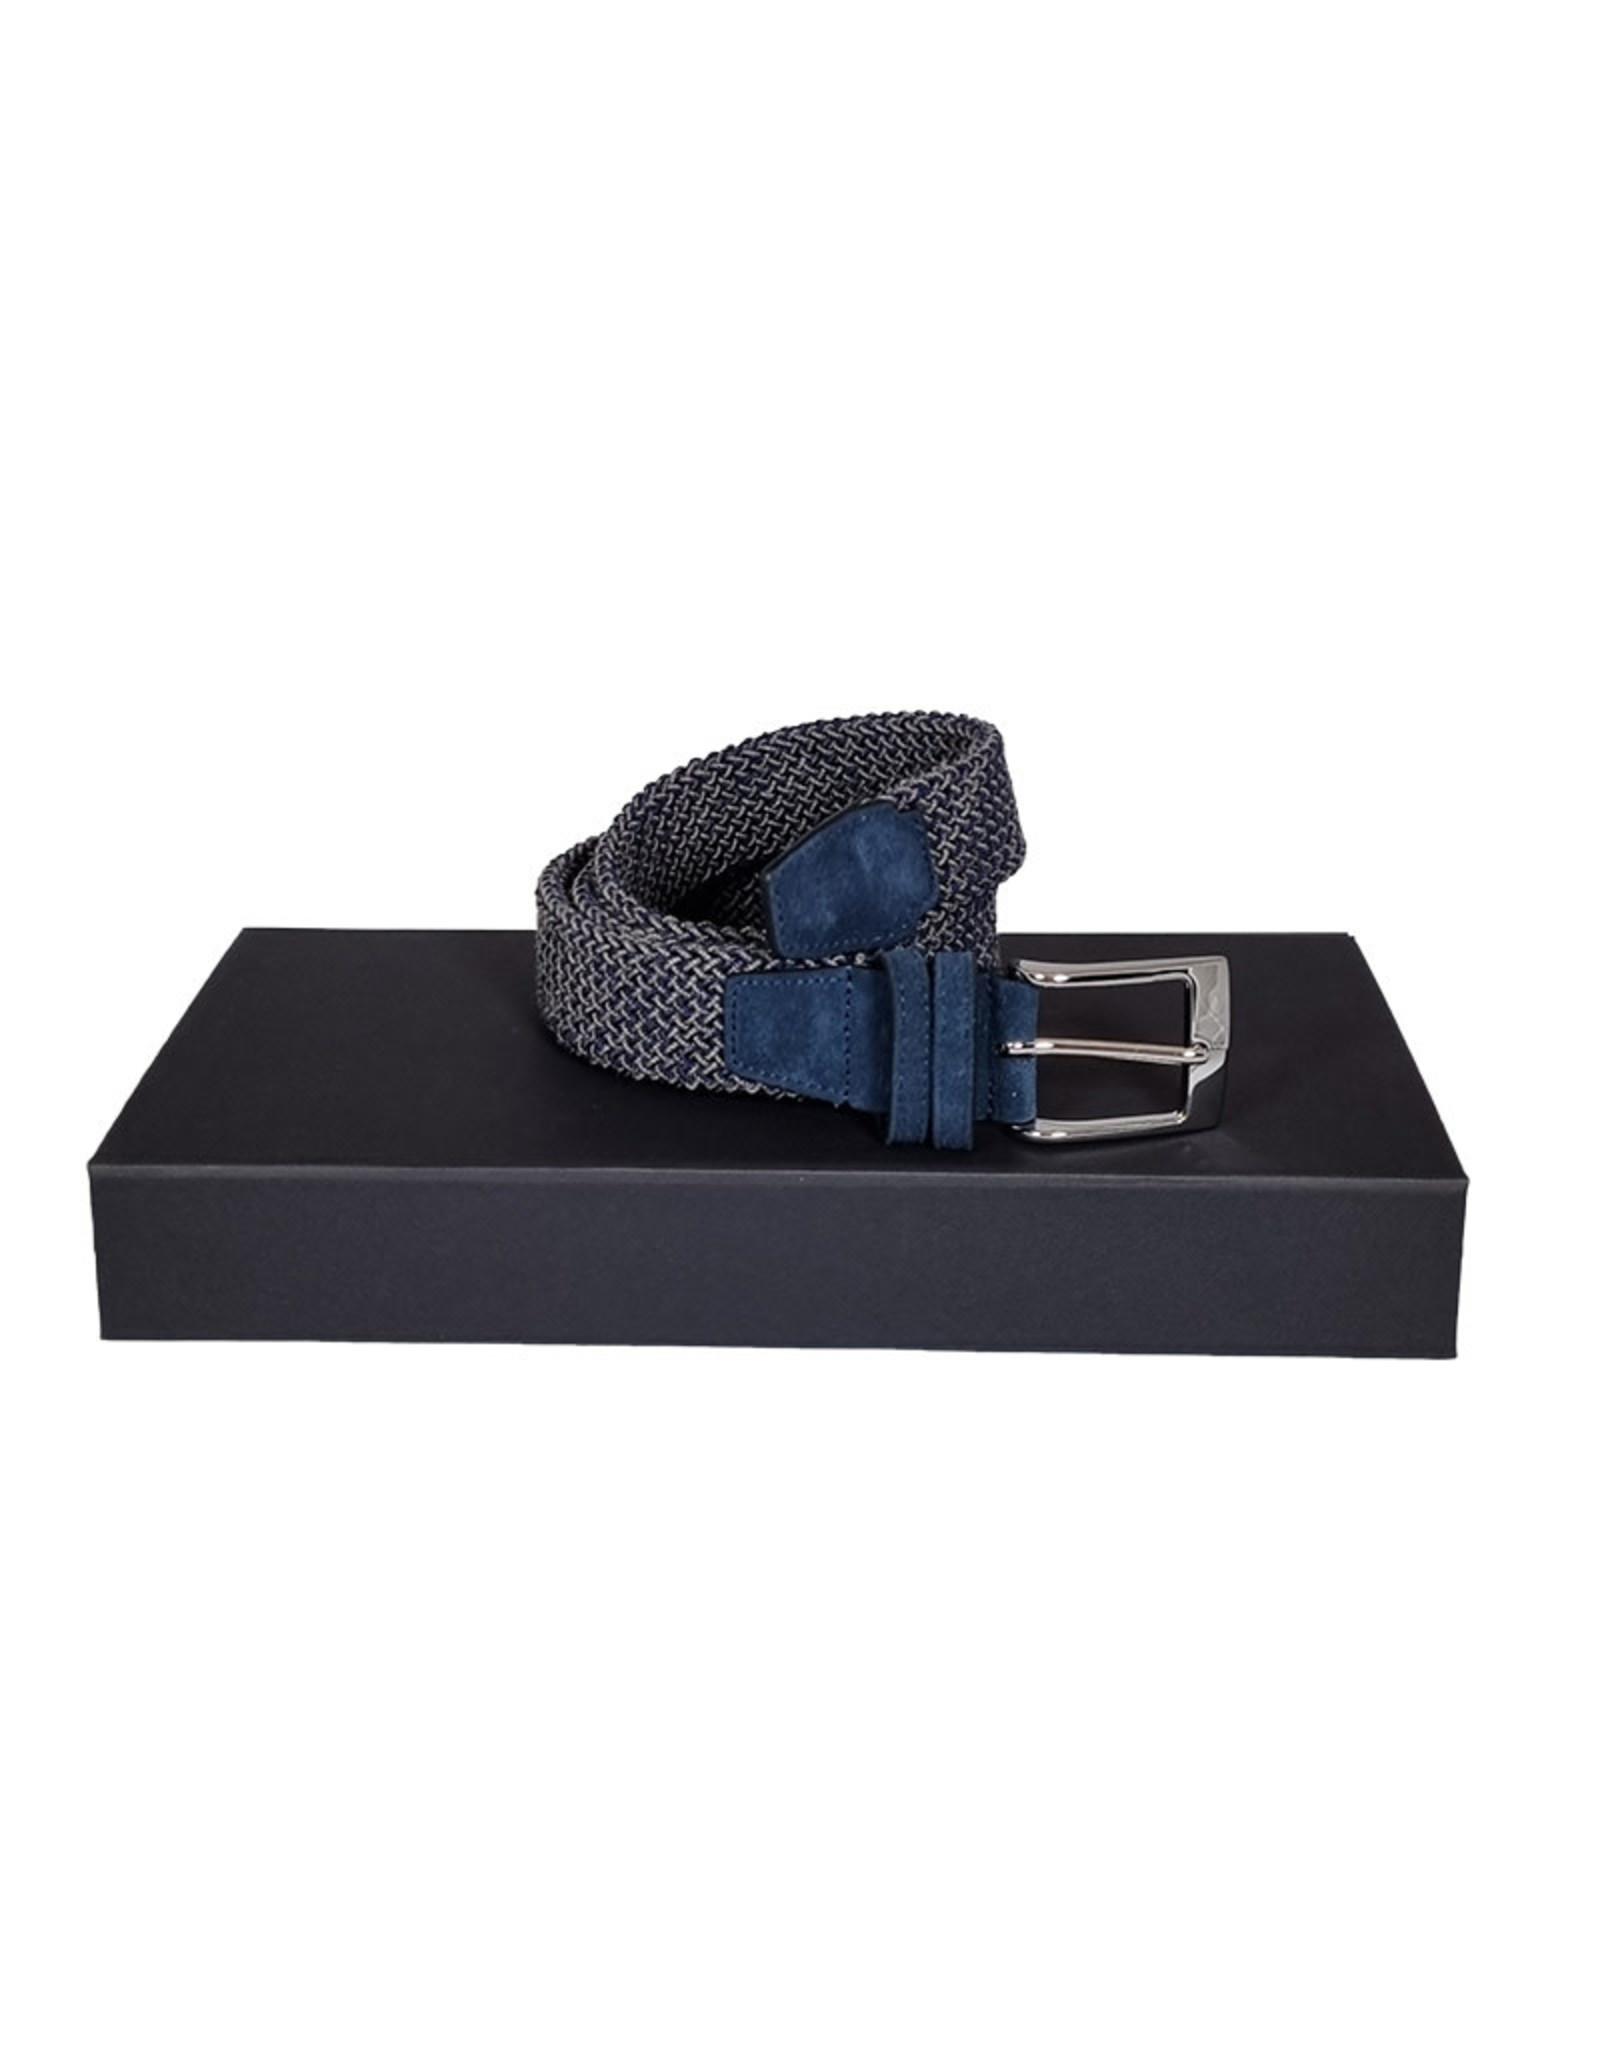 Belts+ Belts+ riem elastisch grijs-blauw Galenco 19628/001